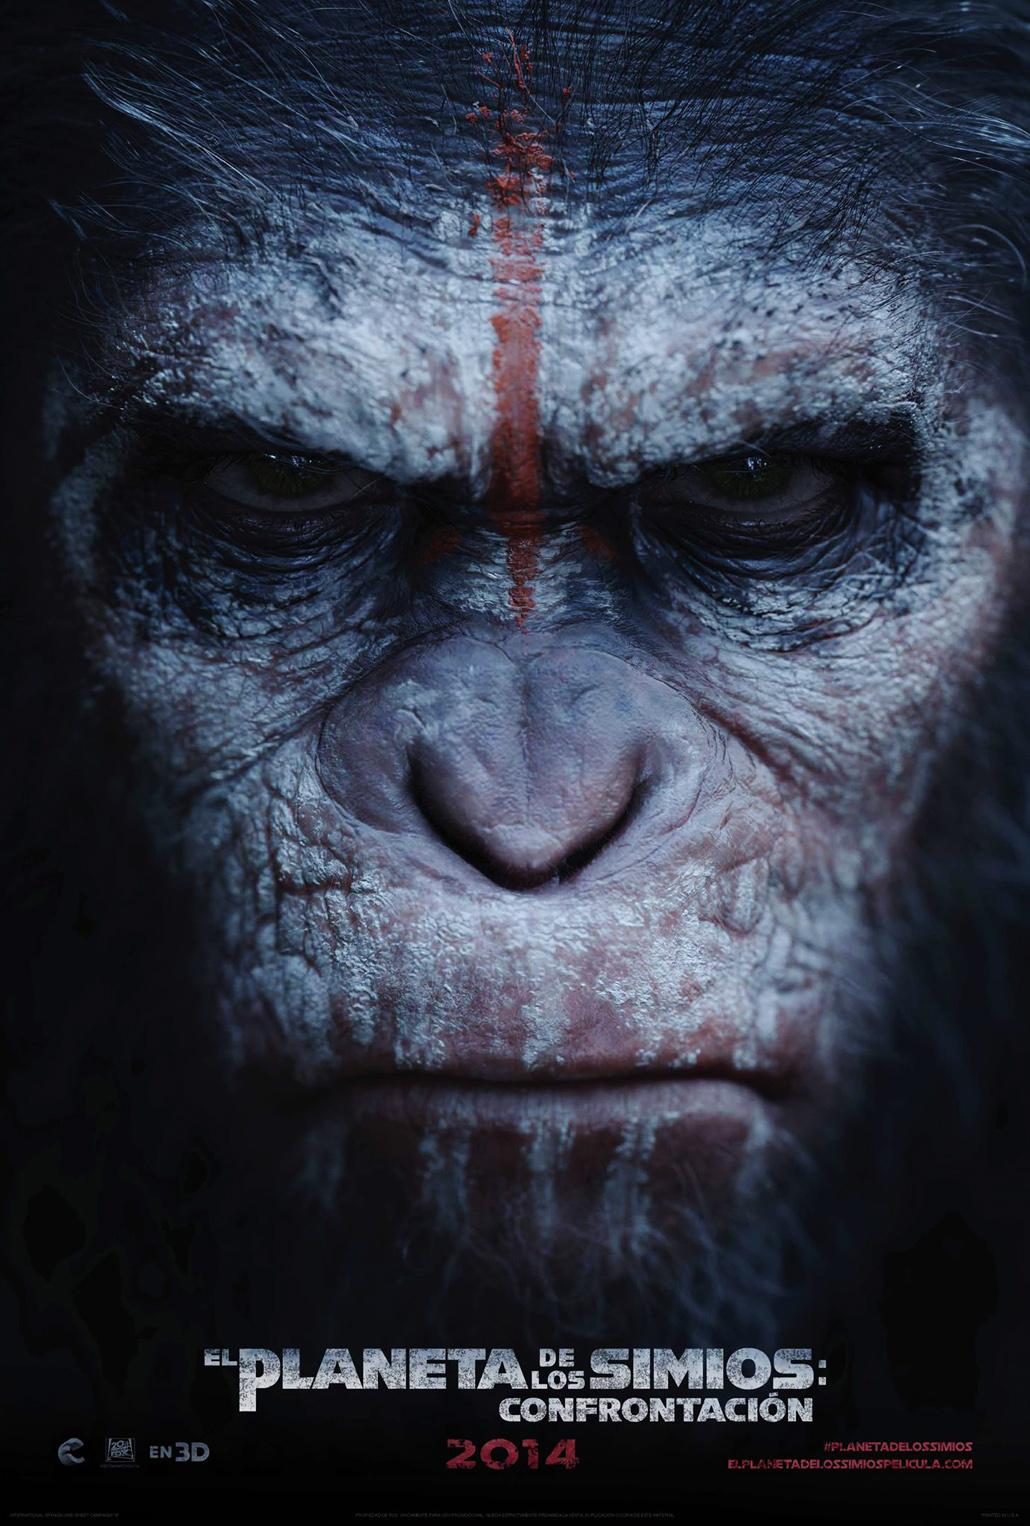 El Planeta De Los Simios 2 (2014) [Dvdrip] [Latino] [1 Link]